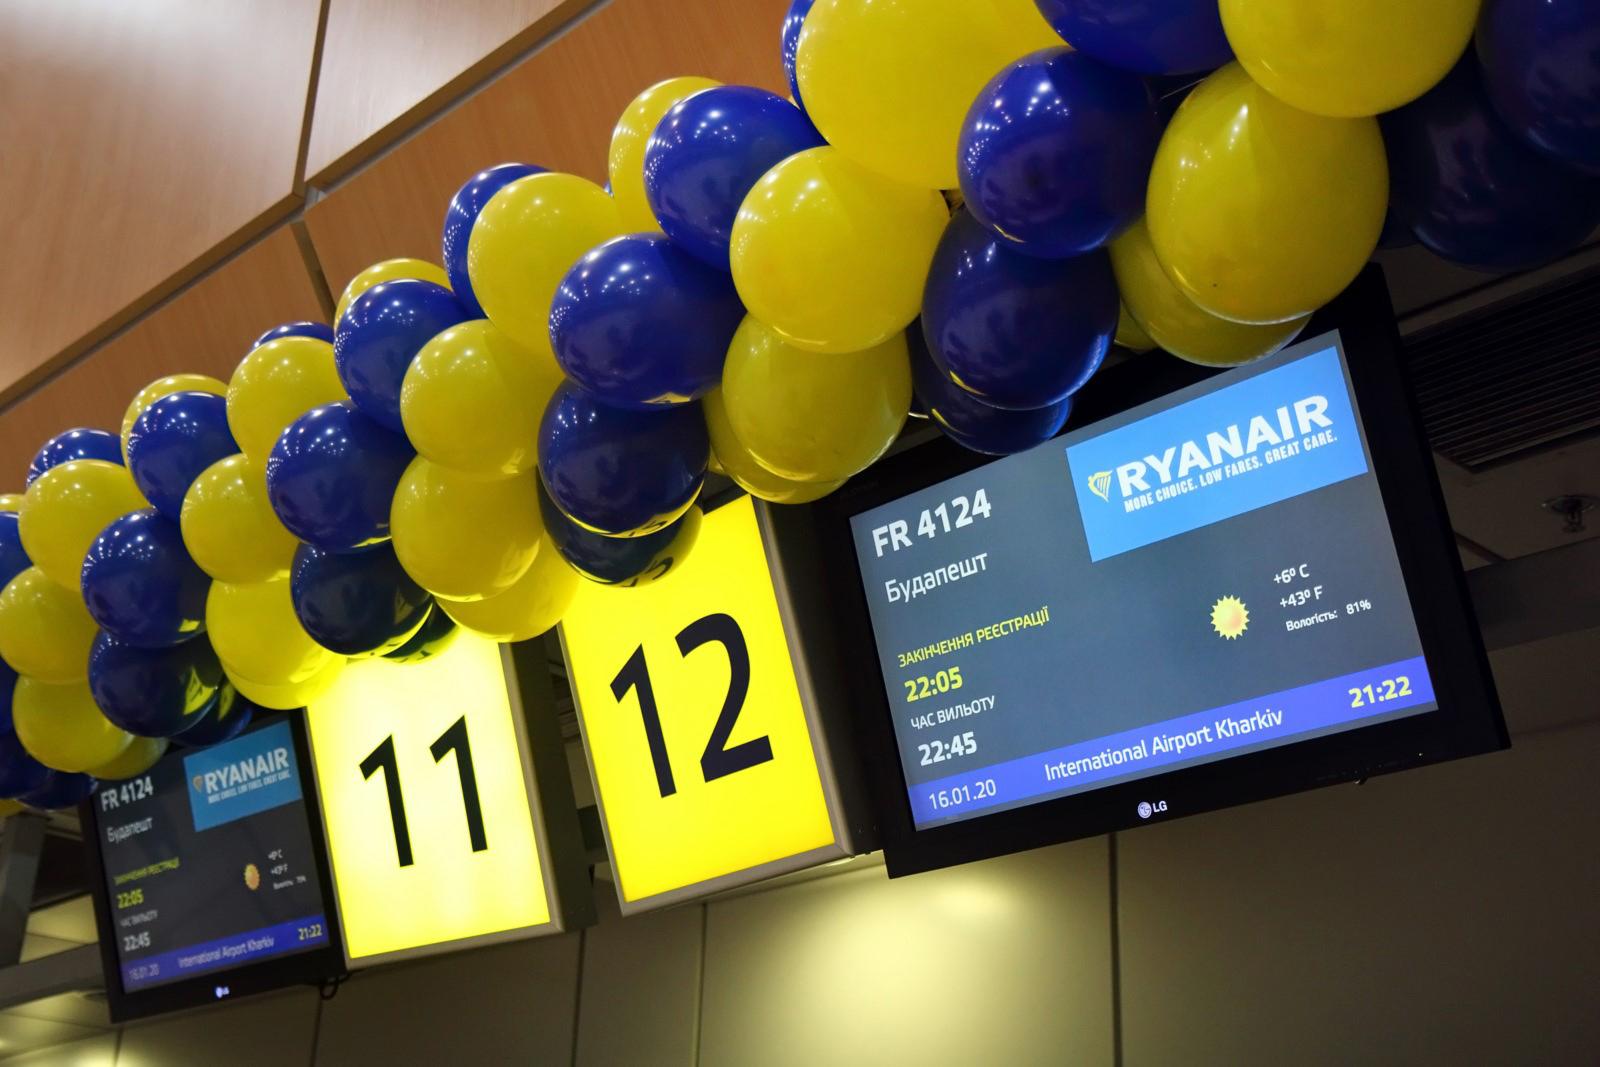 Стартовали прямые рейсы в Будапешт из Харькова от Ryanair